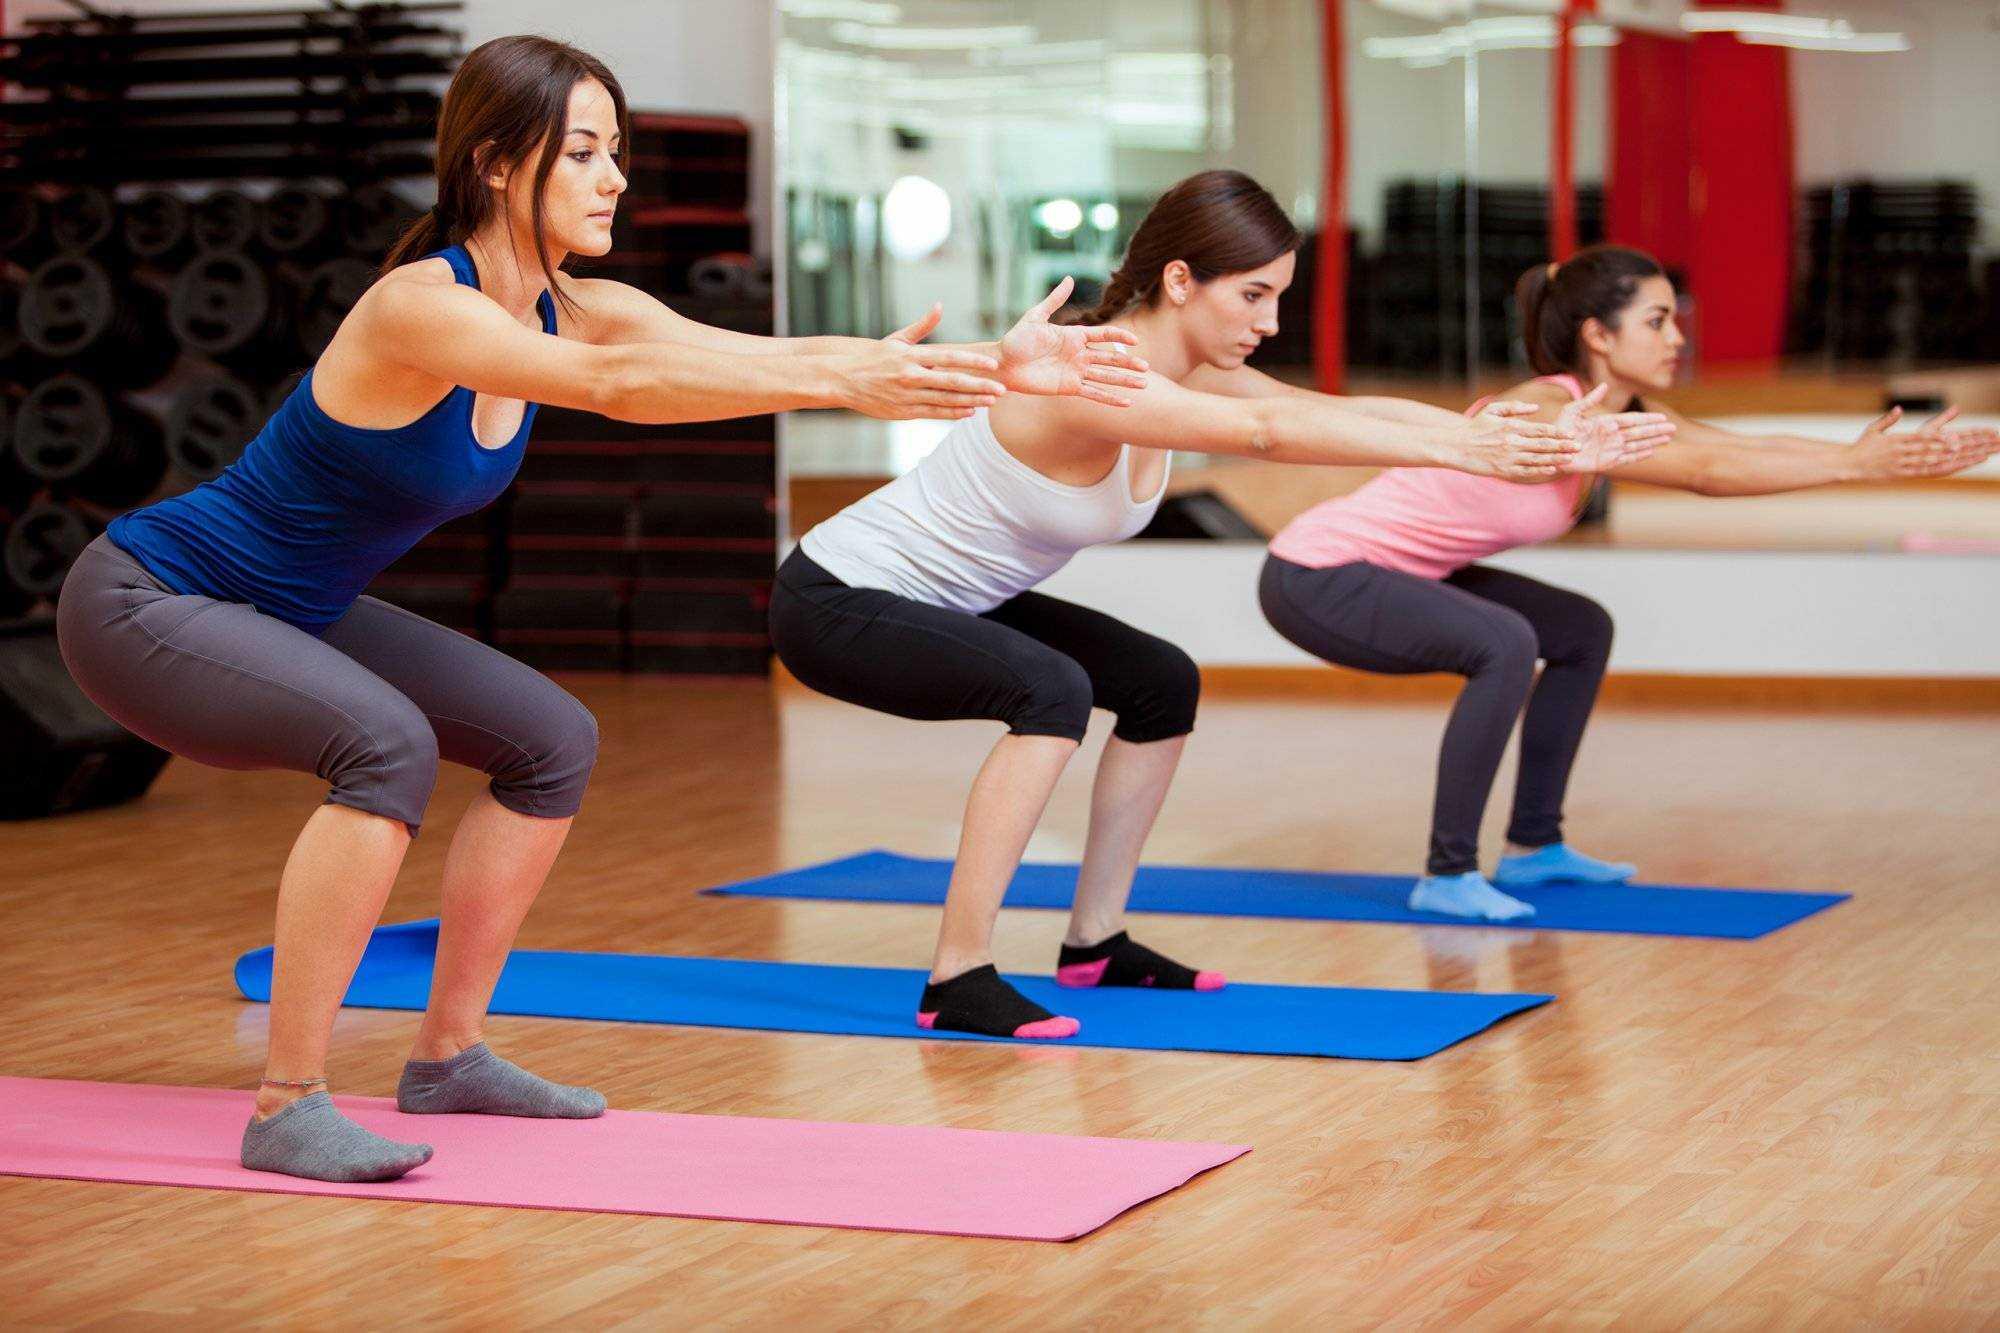 Как быстро сжечь жир: высокоинтенсивная интервальная тренировка